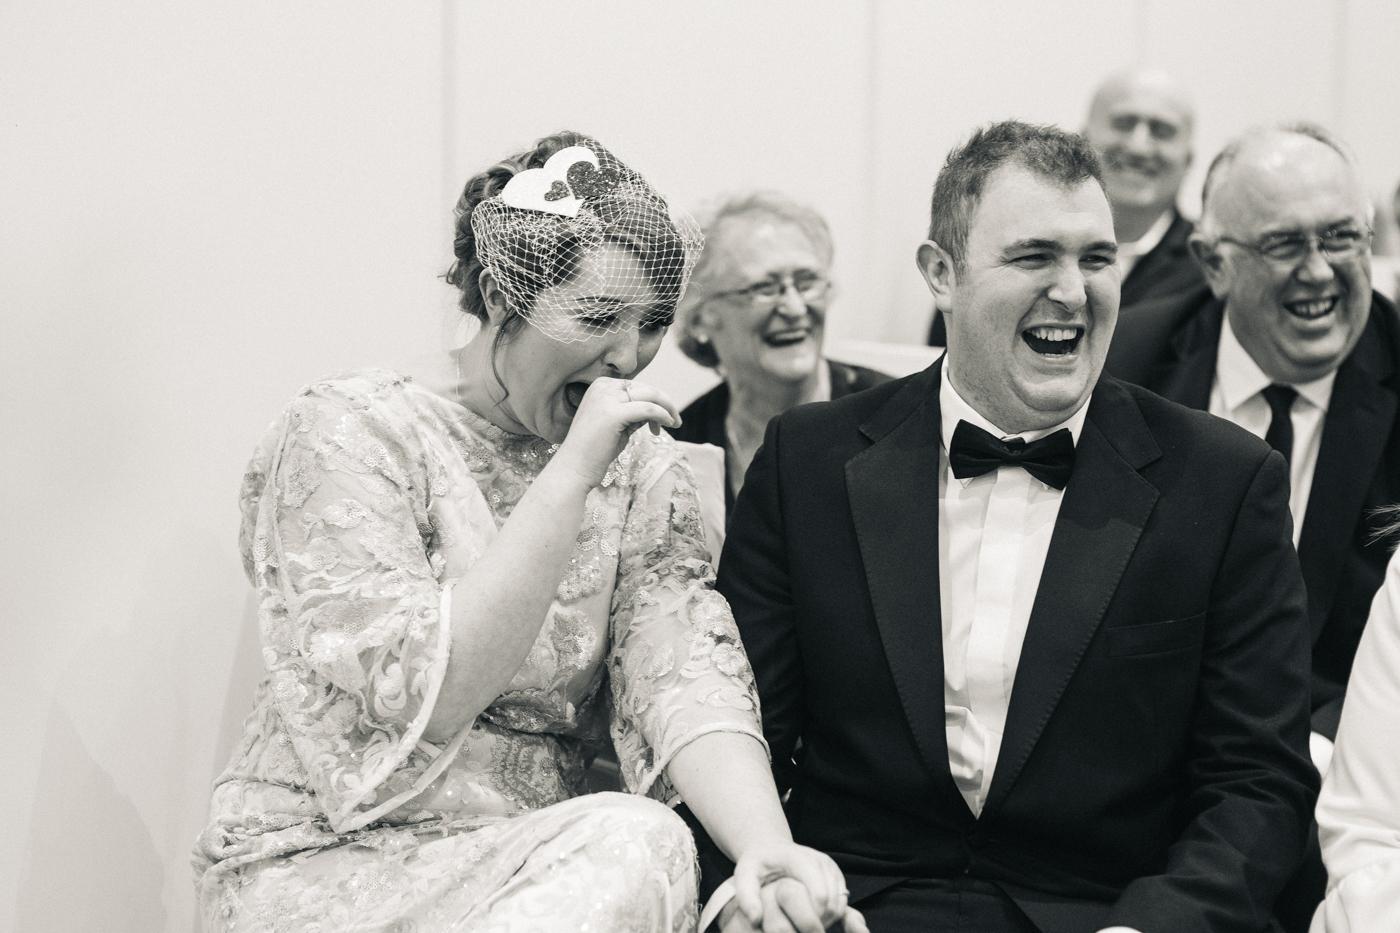 derby-derbyshire-wedding-photographer-creative-white-hart-inn-wedding-0025.jpg